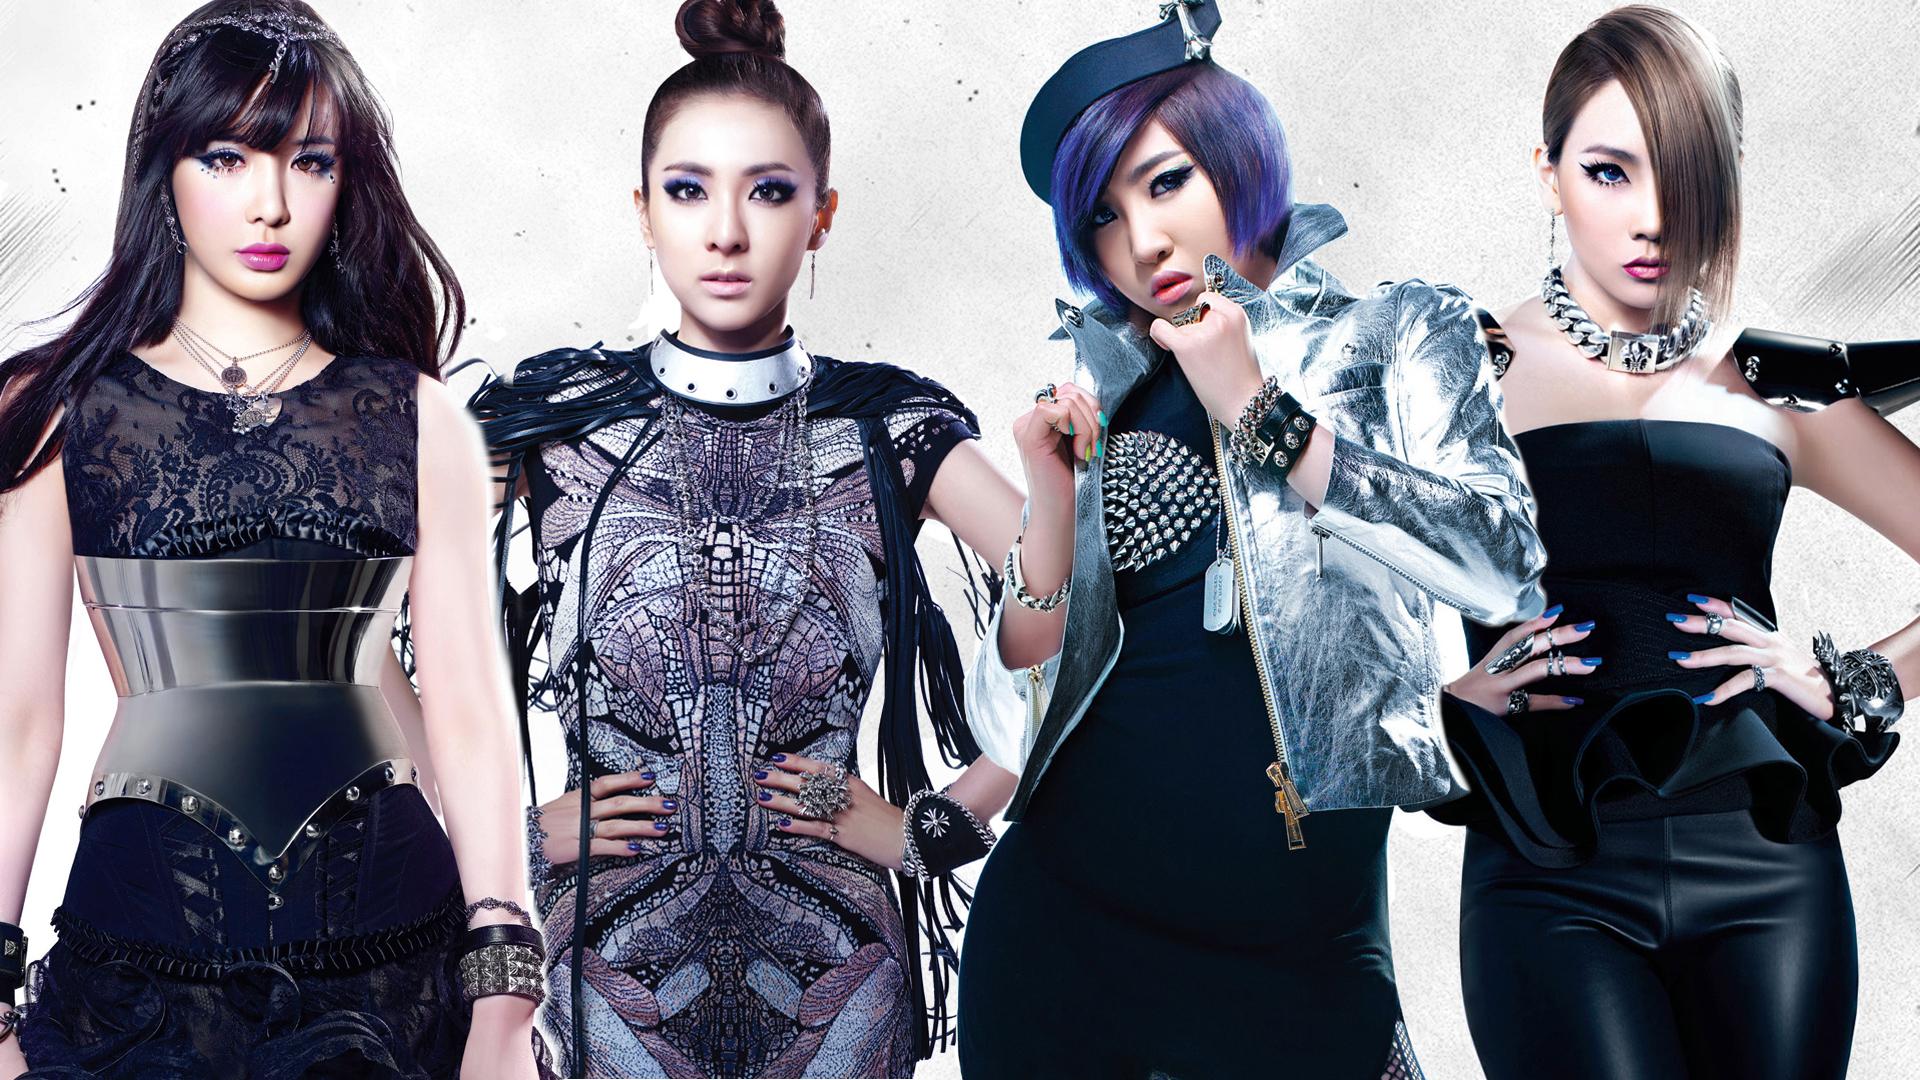 2ne1 Wallpaper Asiachan Kpop Jpop Image Board